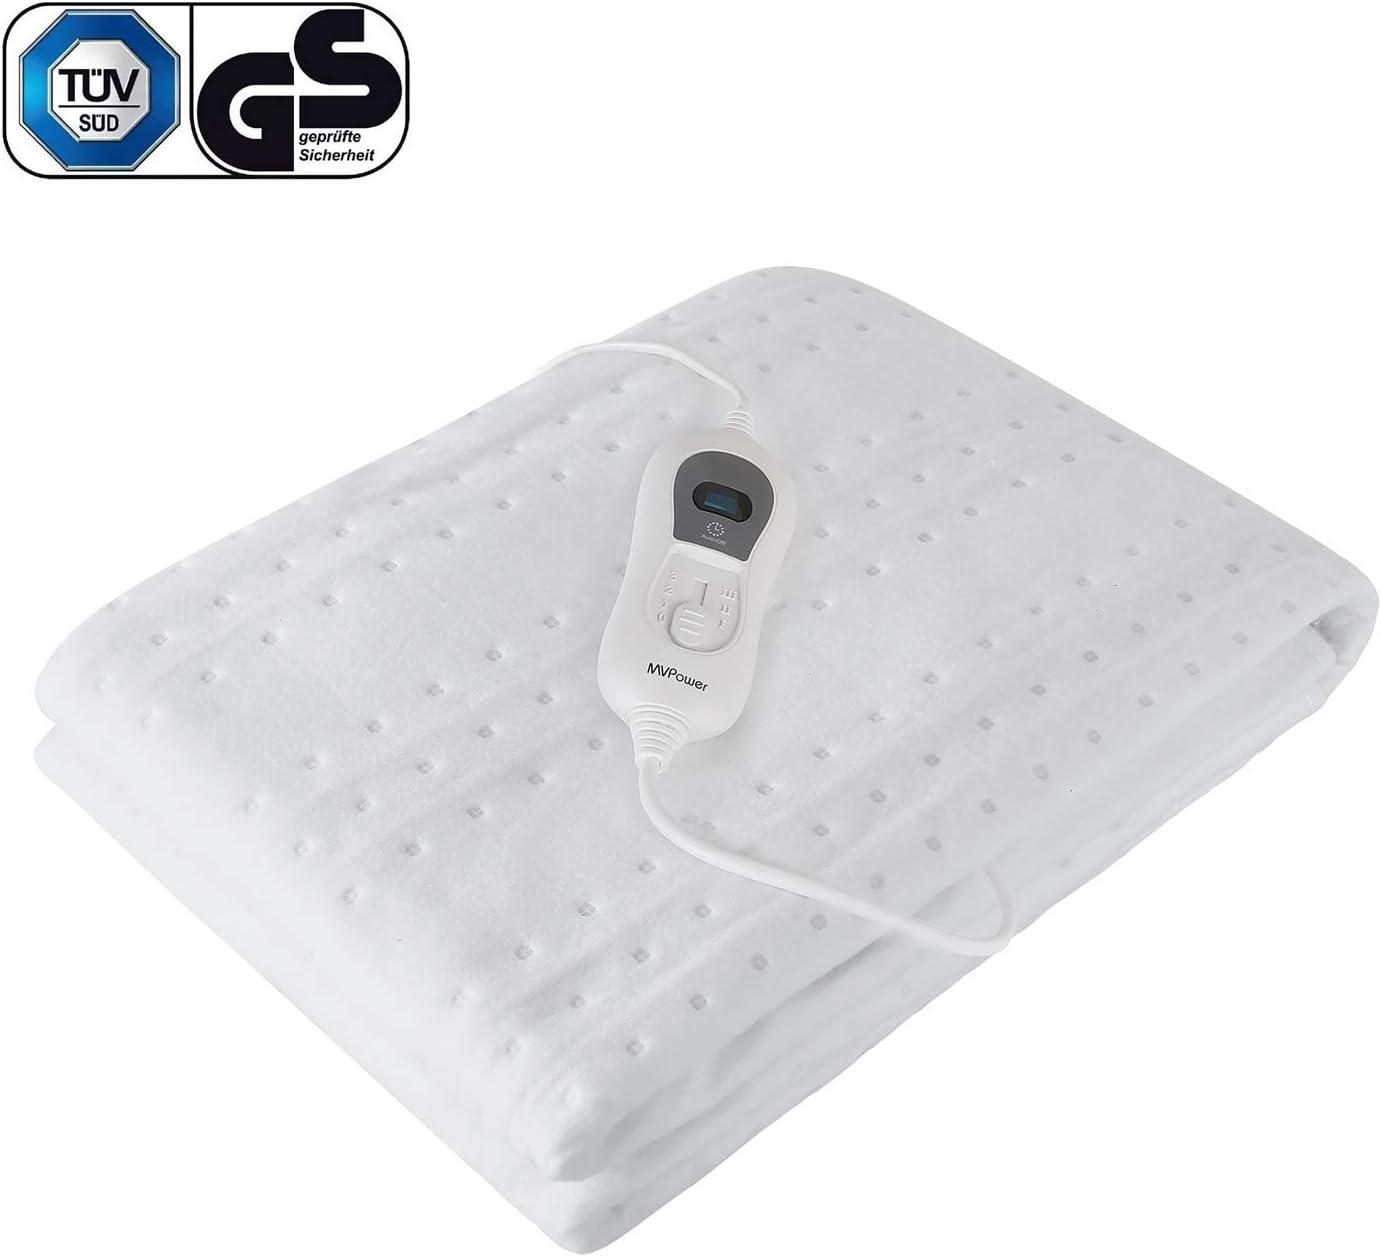 MVPower Calienta Camas Eléctrico Individual 3 configuraciones de temperatura y apagado automático protección contra sobrecalentamiento mantas calefactoras lavables (150 * 80cm, blanco)